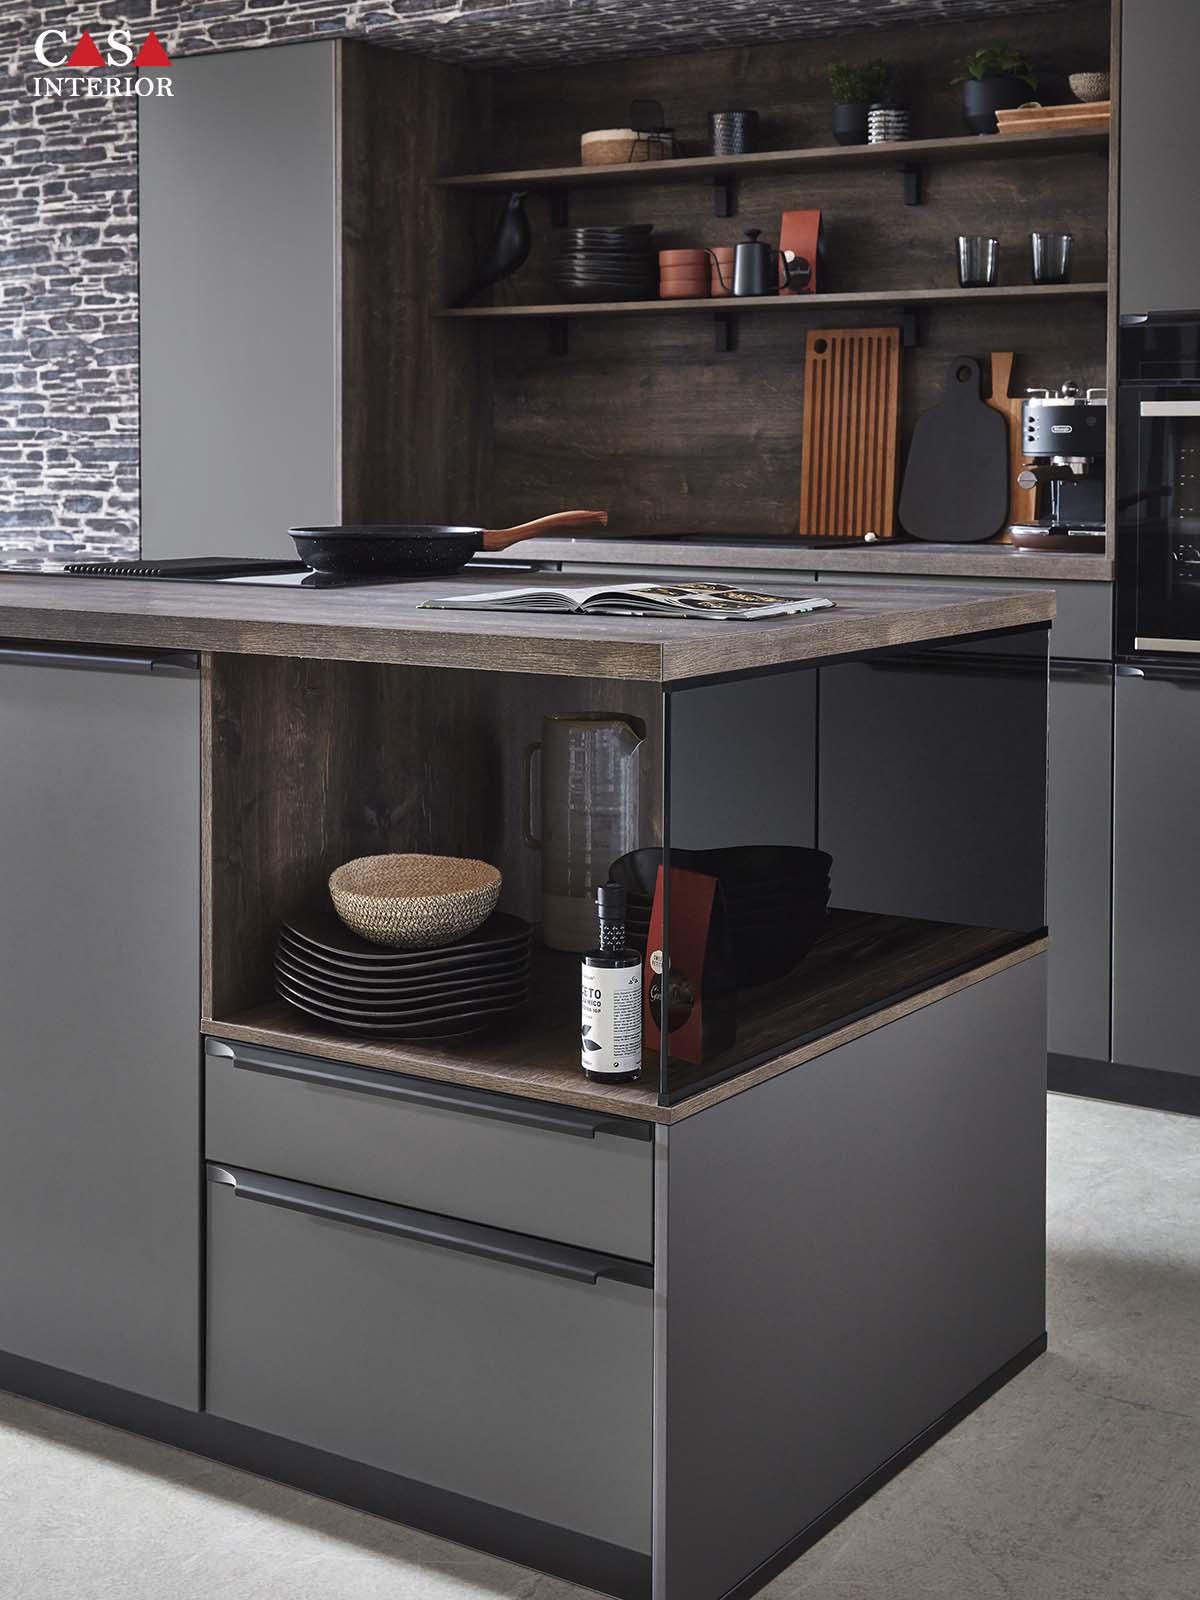 Küchentime Artis 937